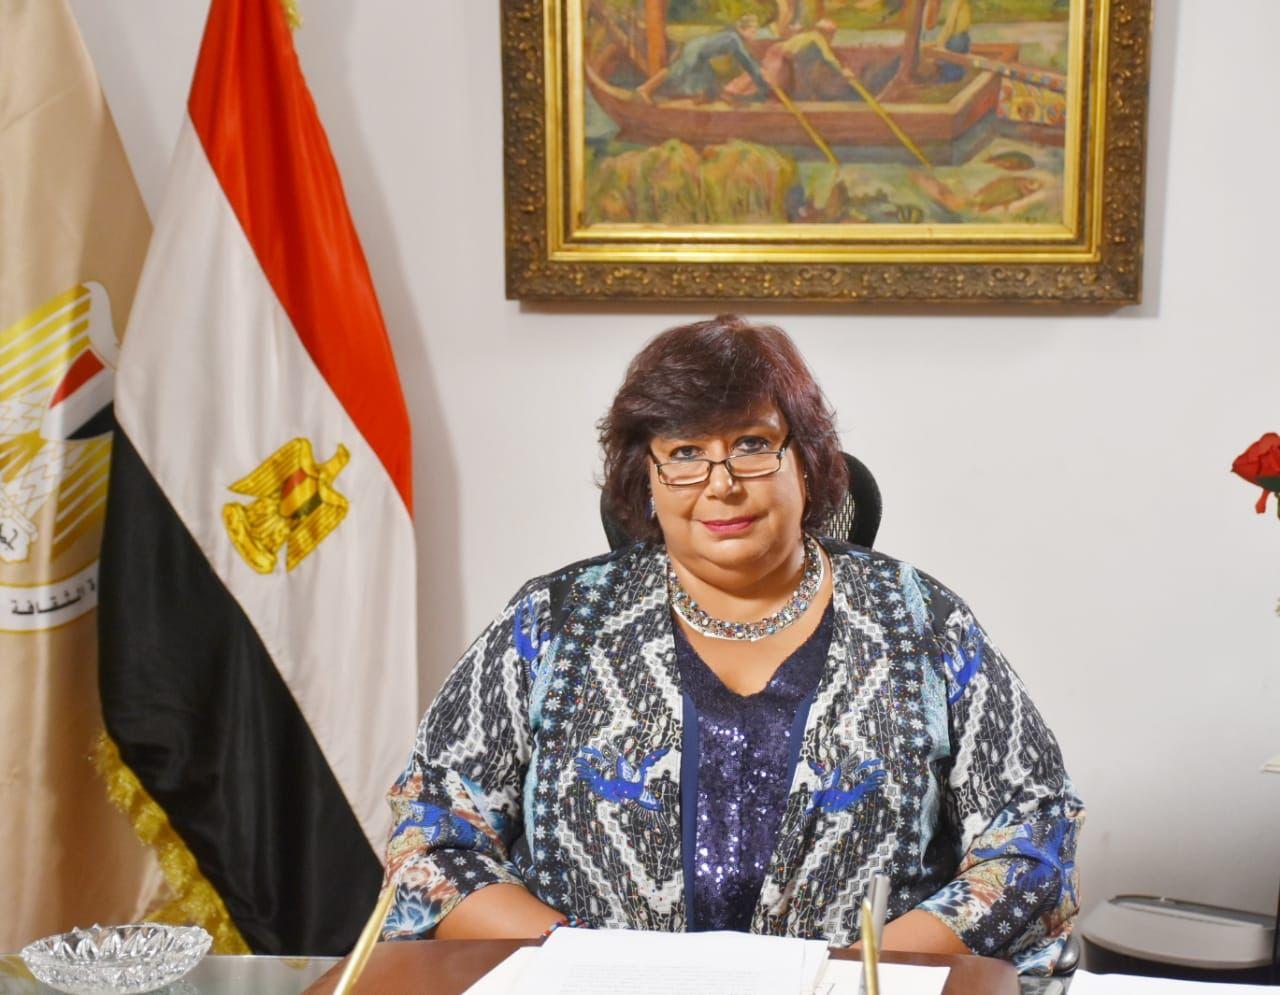 محافظة الإسكندرية تستضيف دورة للدراسات السينمائية الحرة